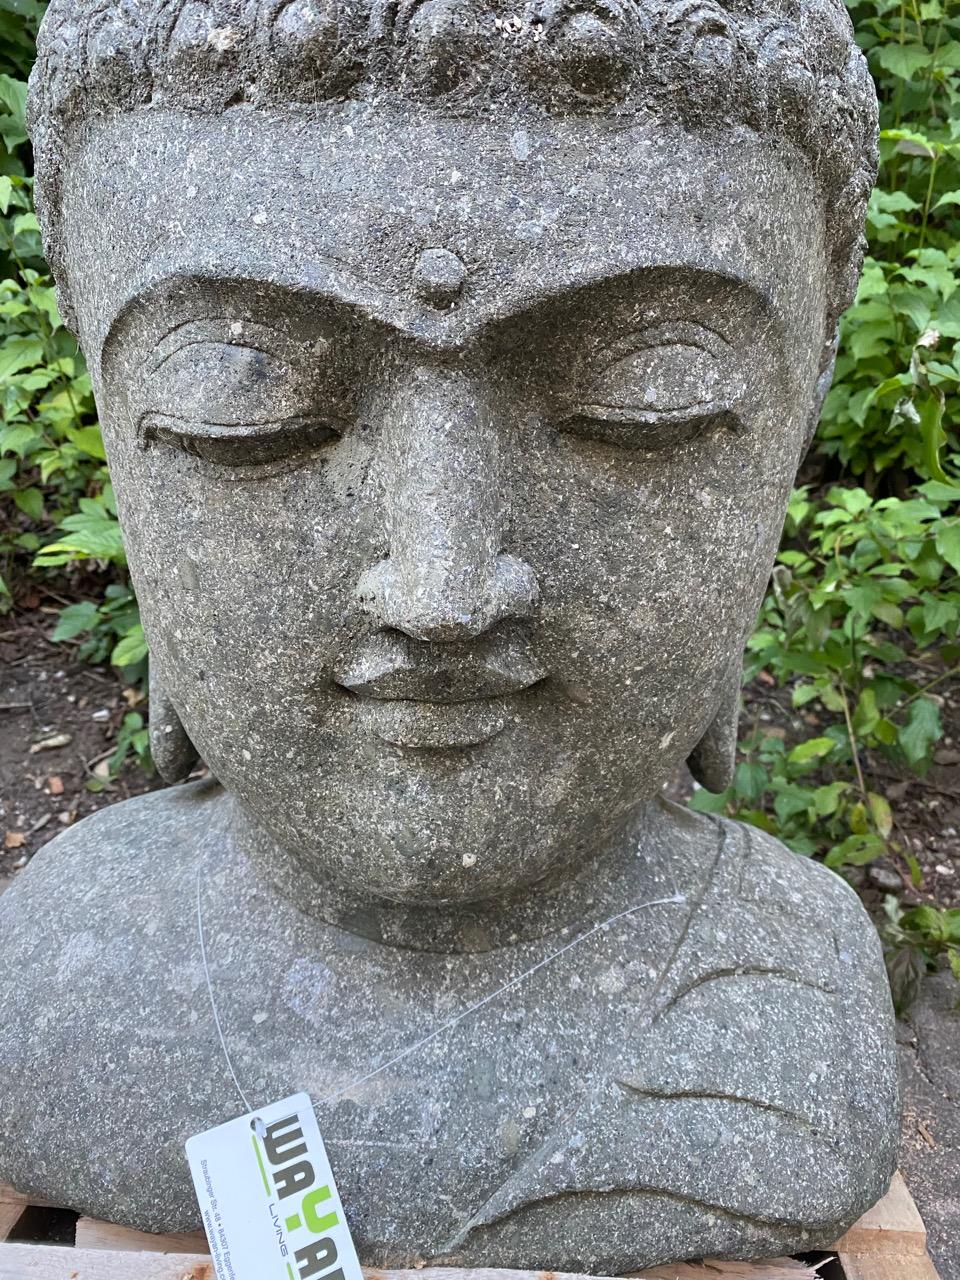 Buddhabüste milde lächelnd